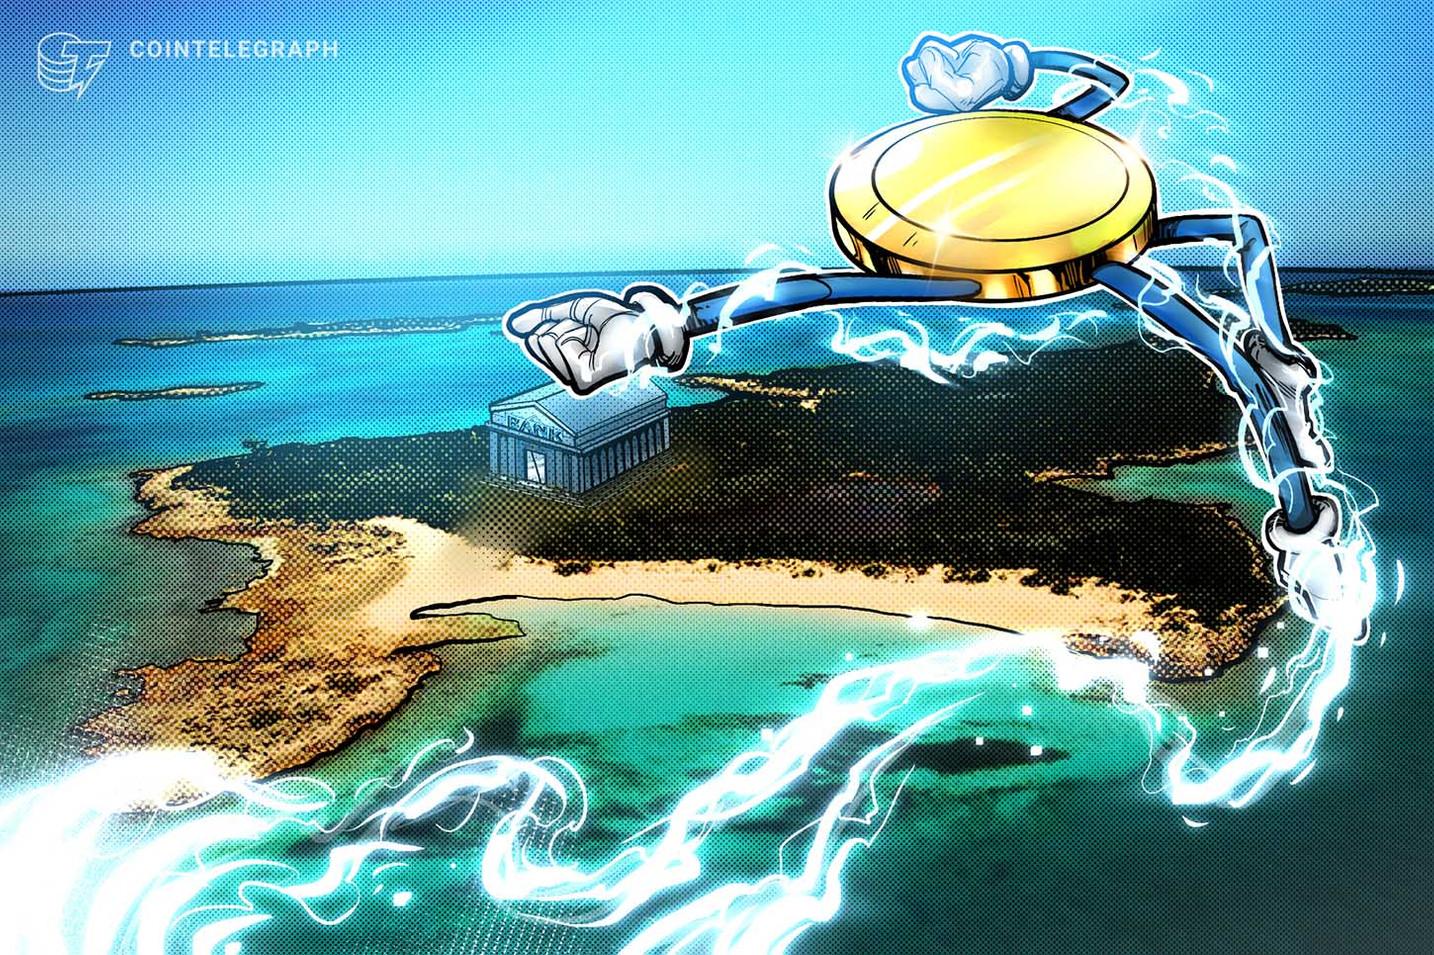 バハマの中央銀行デジタル通貨「サンドダラー」、商業銀行システムと間もなく統合